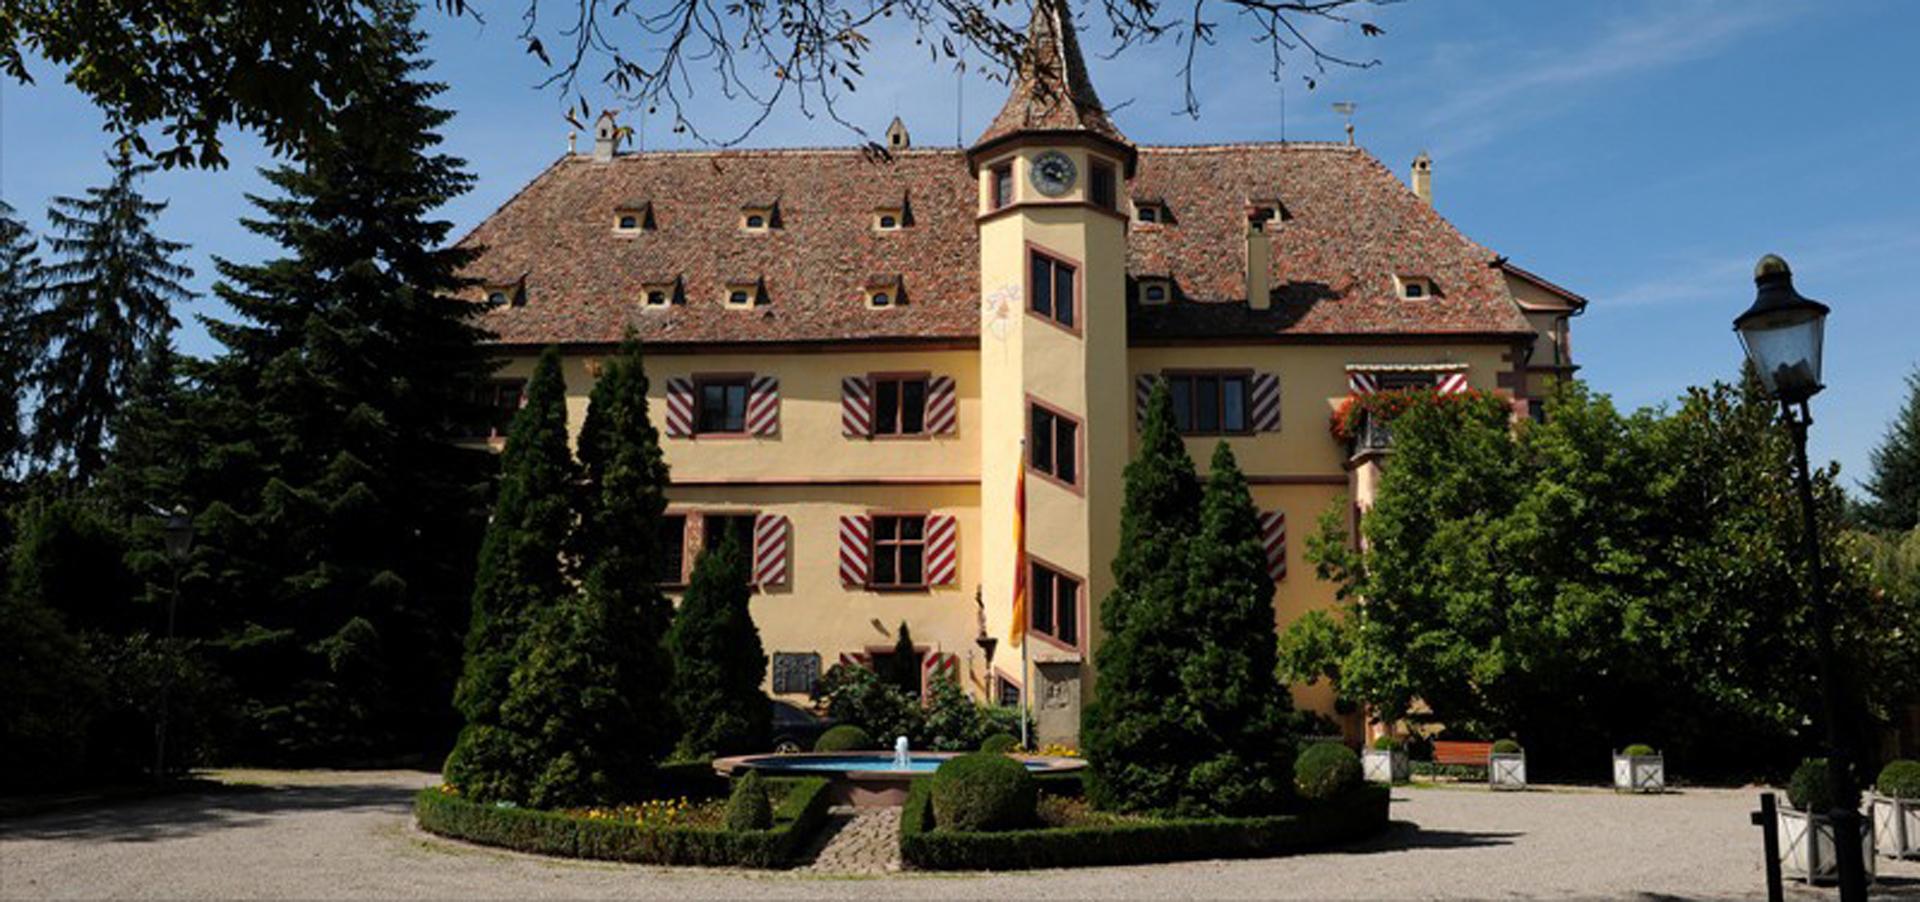 Schloss Balthasar